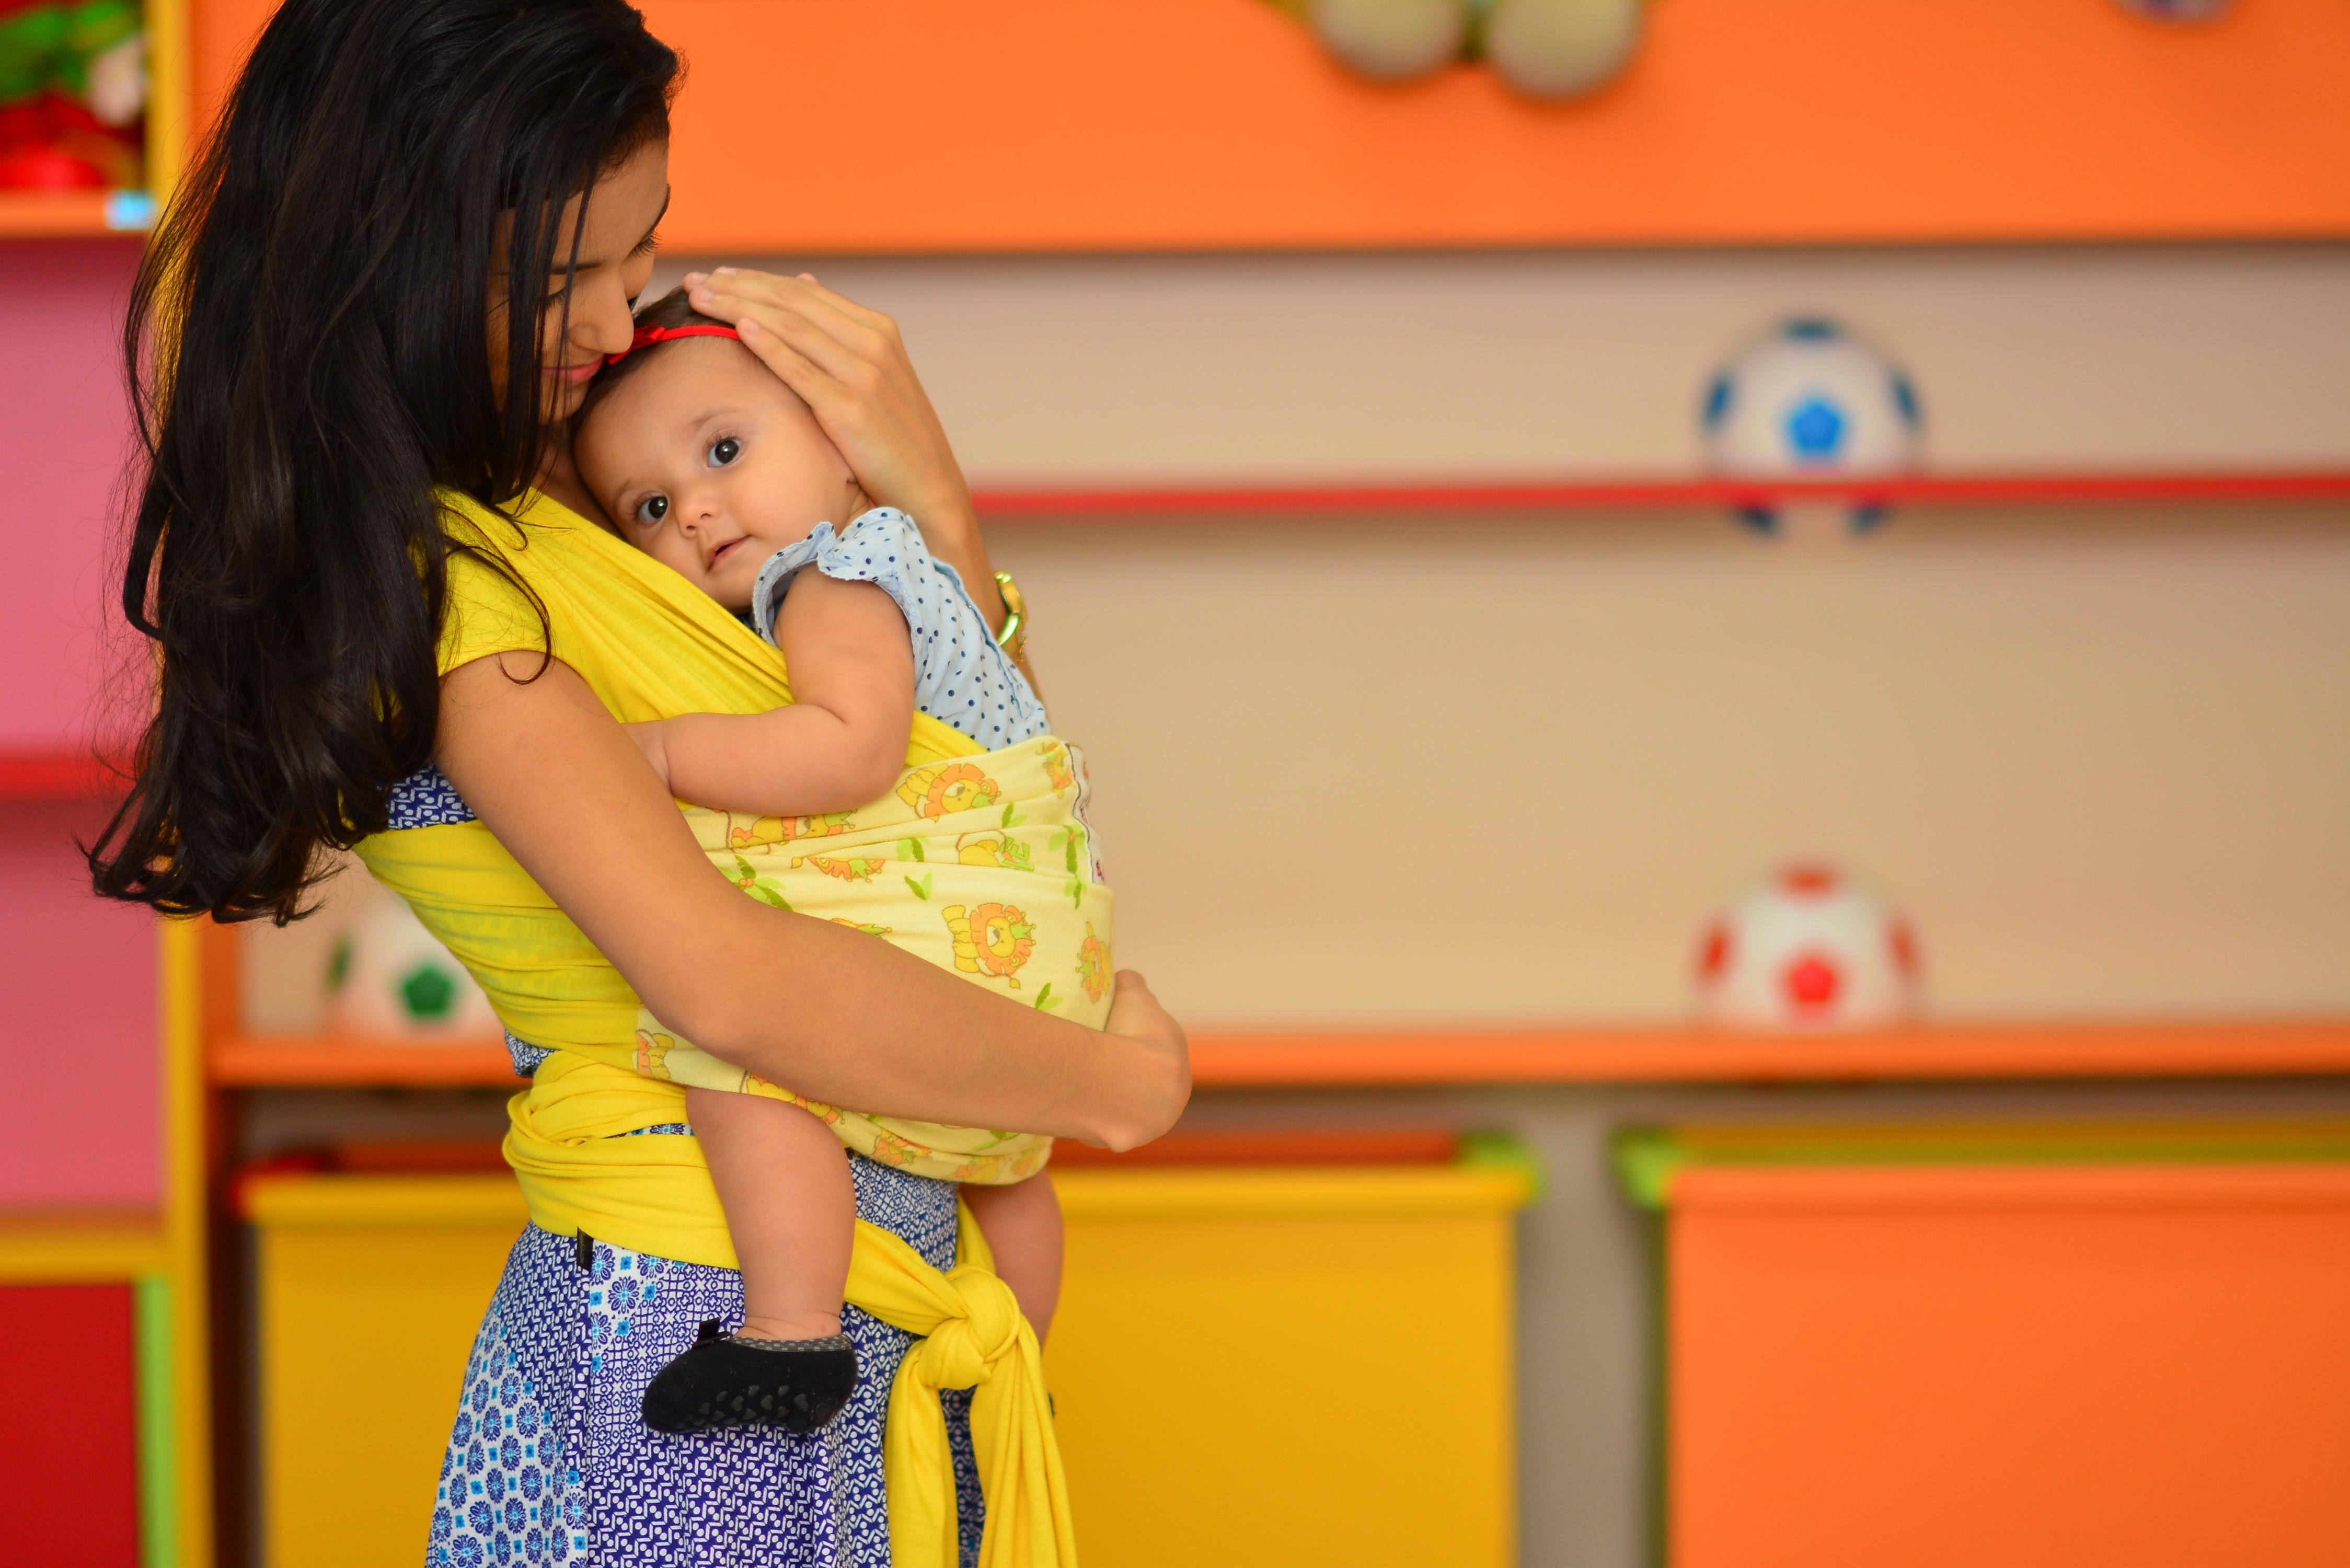 Única do Basil -  Mais de 300 mães, servidoras da prefeitura, já foram beneficiadas com 7 meses de licença maternidade